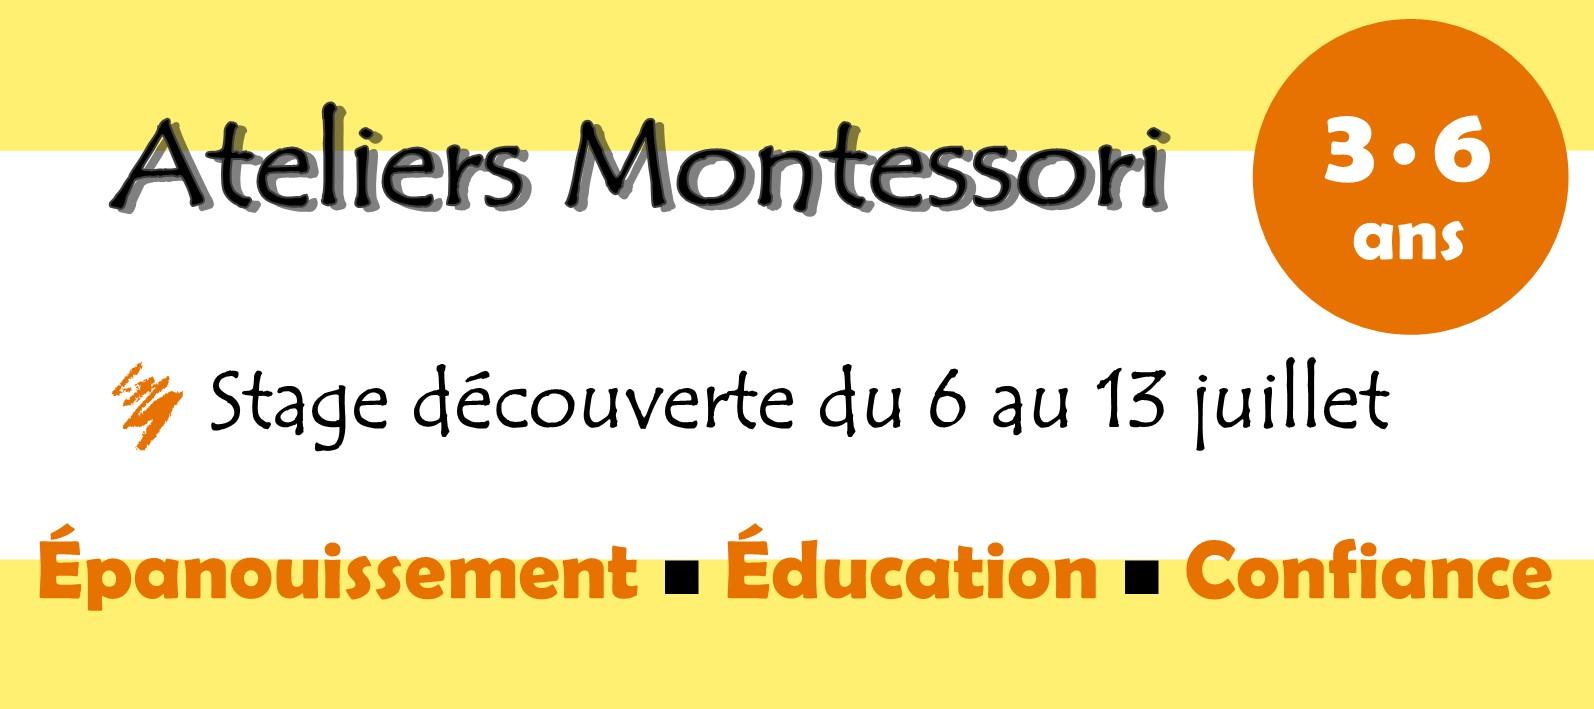 ENTETE MONTESSORI